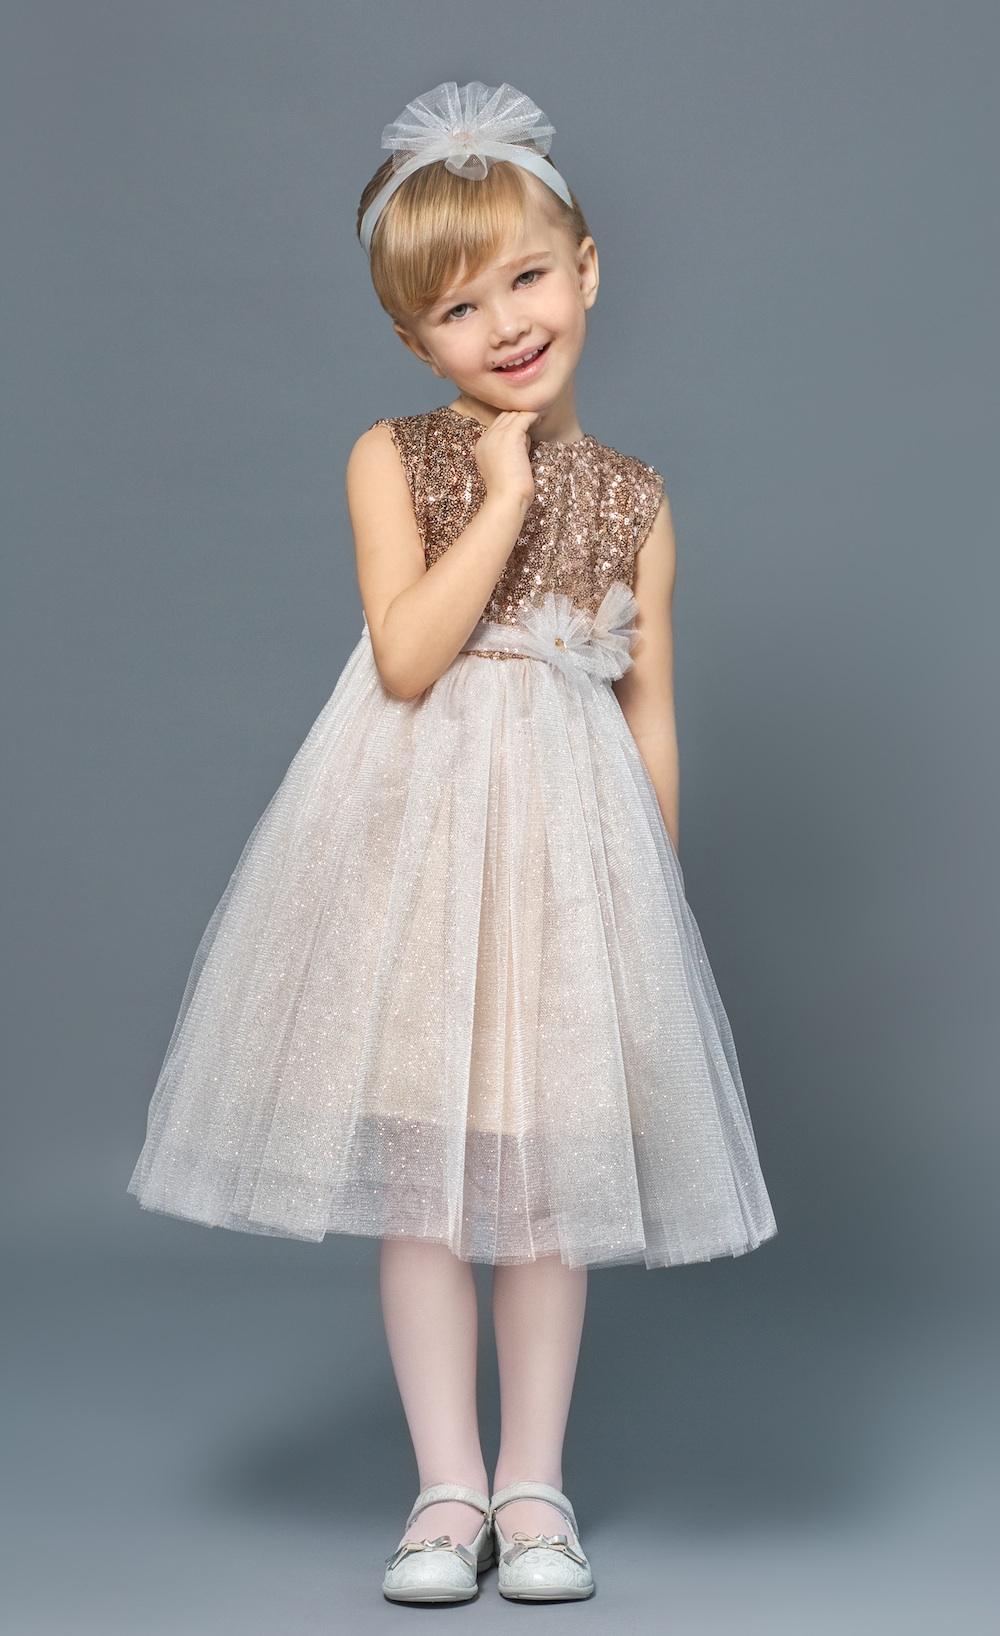 Где купить платье для девочки в уфе